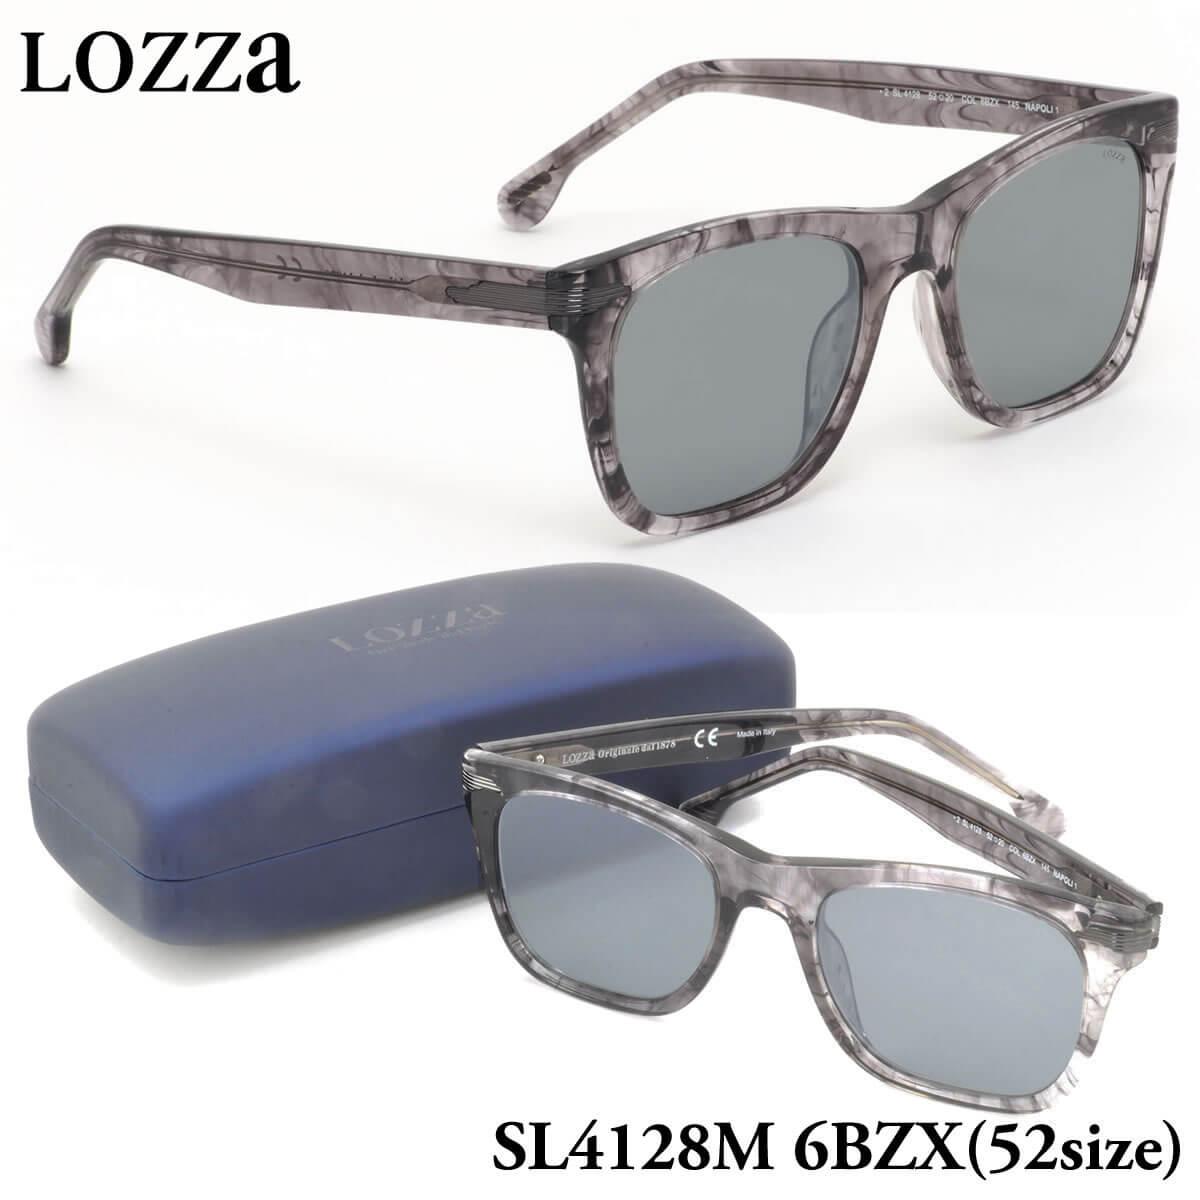 【10月30日からエントリーで全品ポイント20倍】【ロッツァ】 (LOZZA) サングラスSL4128M 6BZX 52サイズNAPOLI 1 ミラーレンズLOZZA メンズ レディース